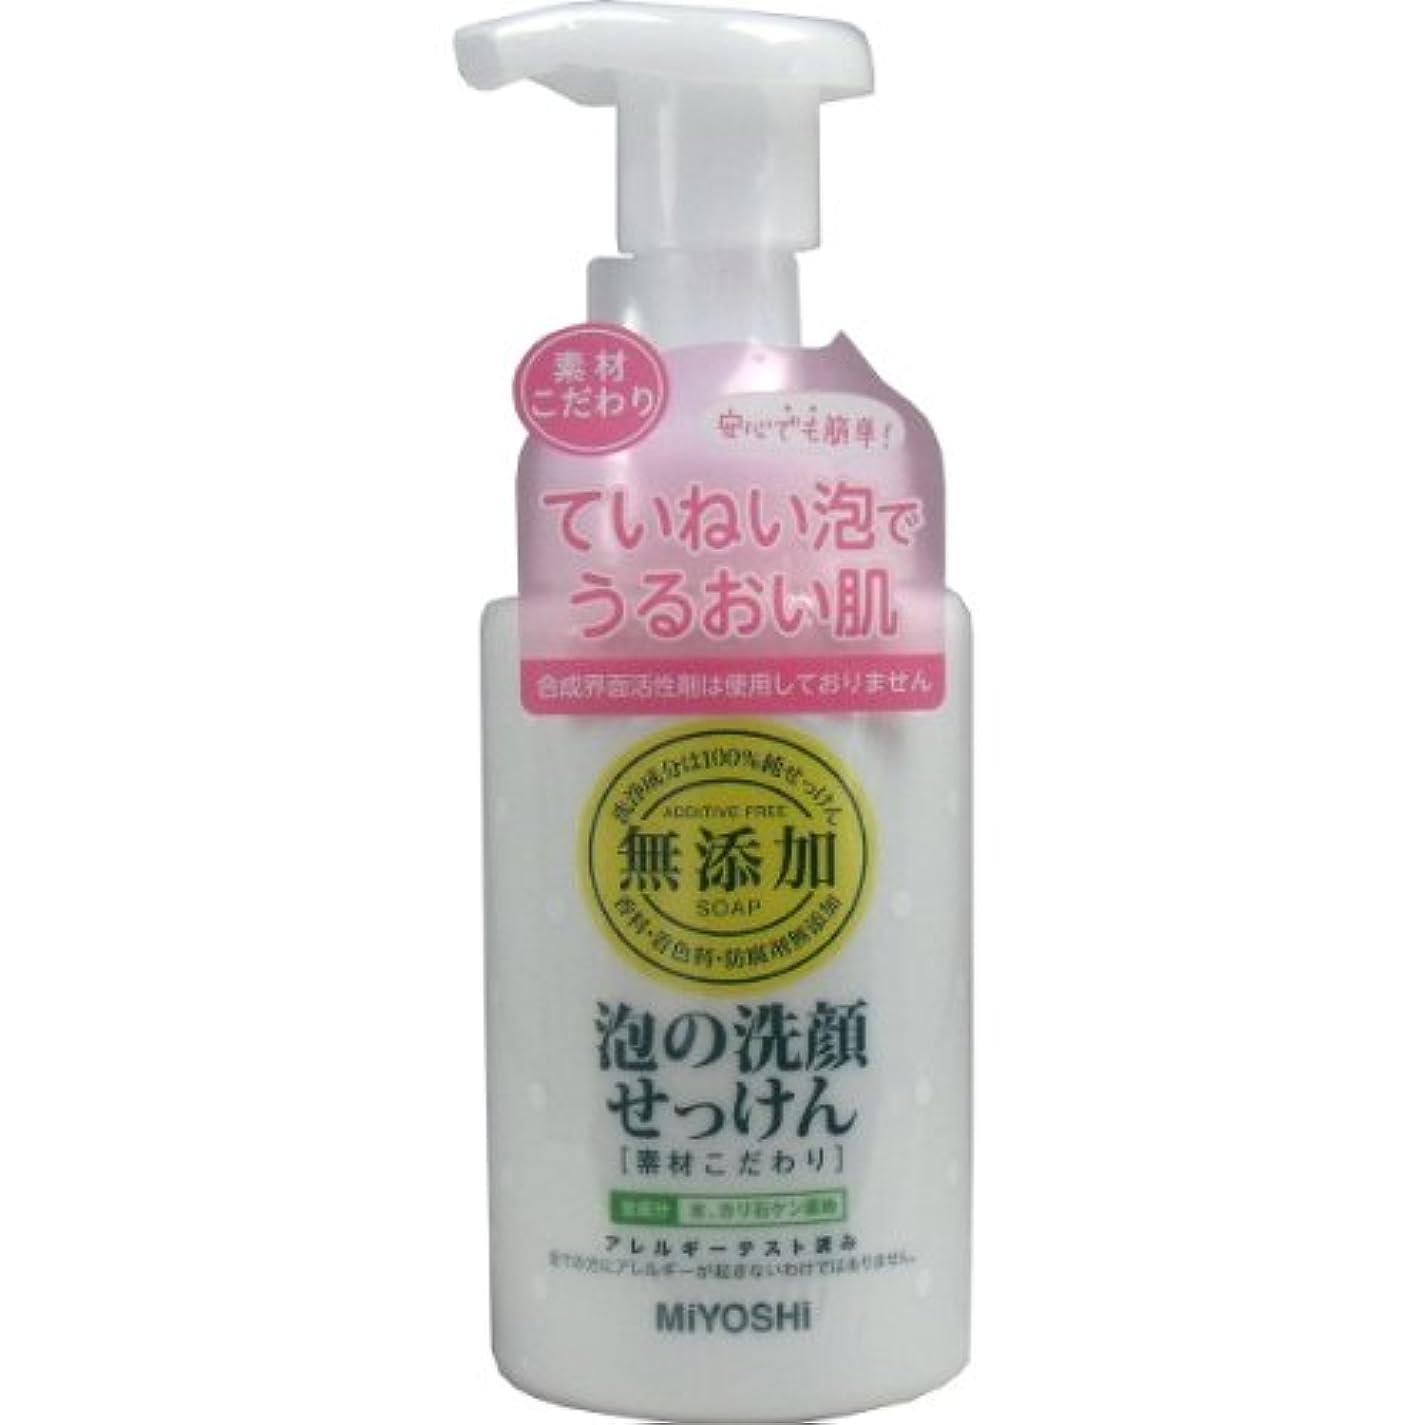 援助あいさつ上【まとめ買い】無添加 素材こだわり 泡の洗顔せっけん 200ml ×2セット